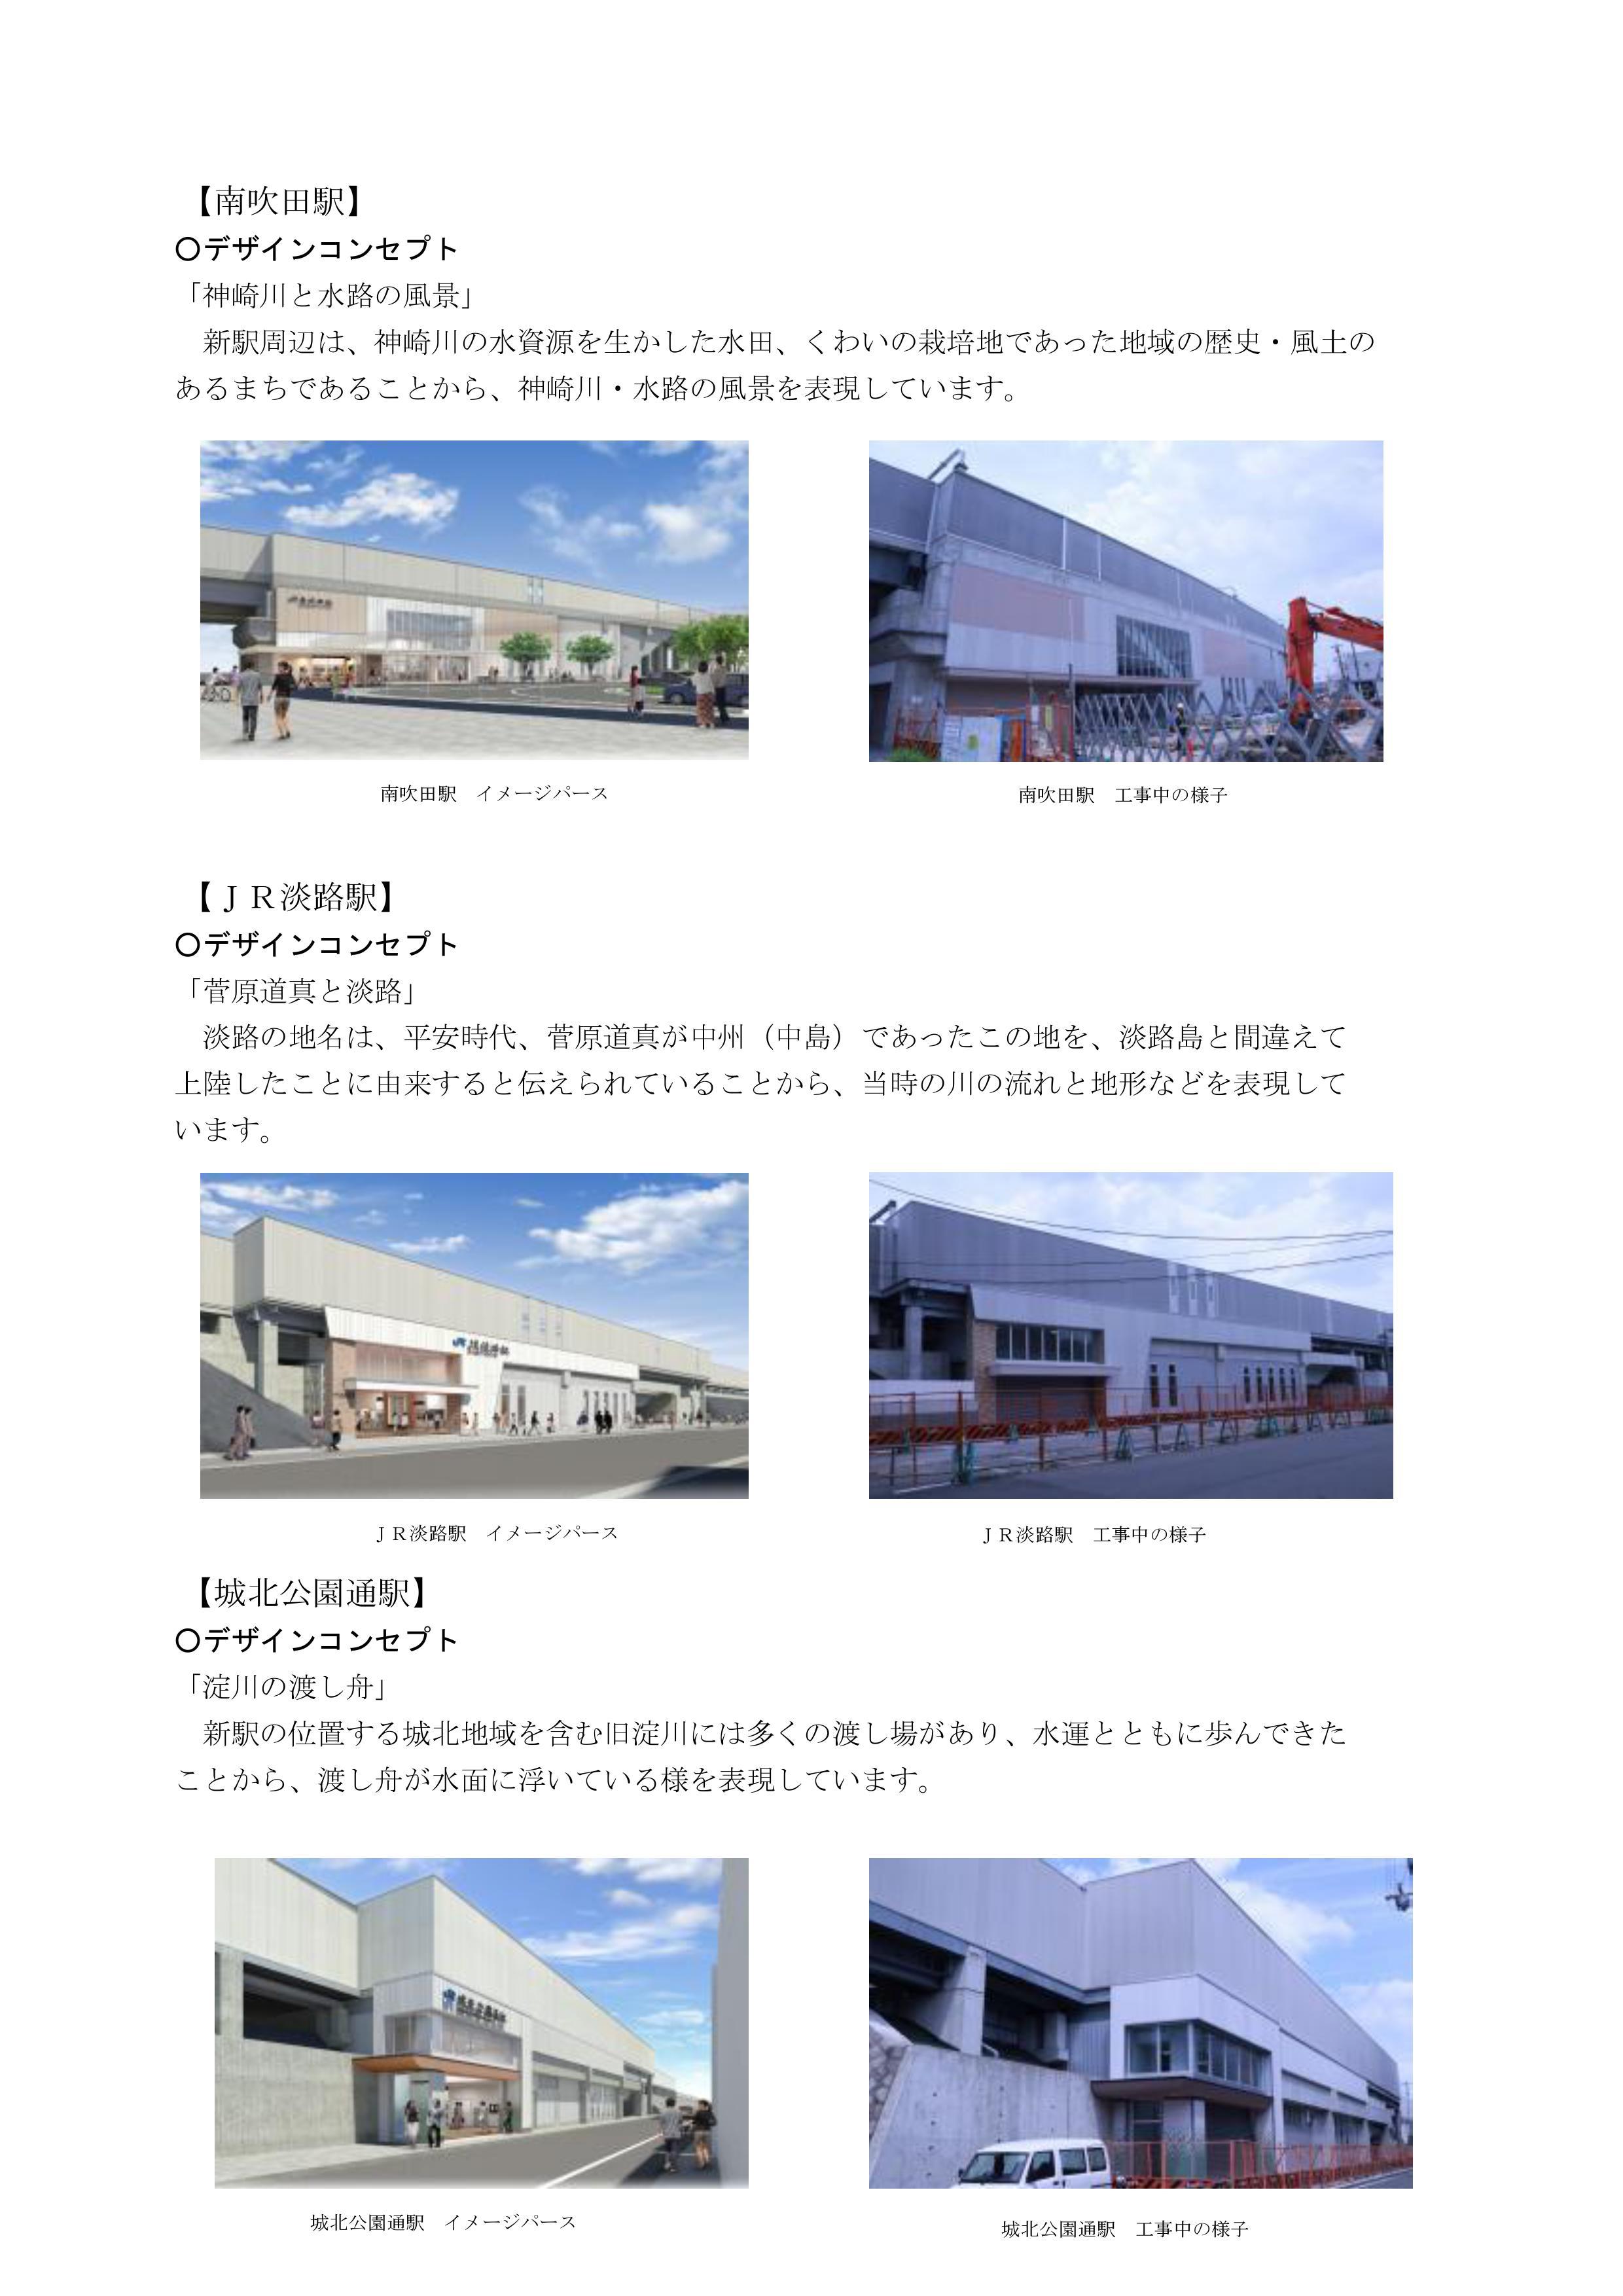 南吹田駅 イメージ